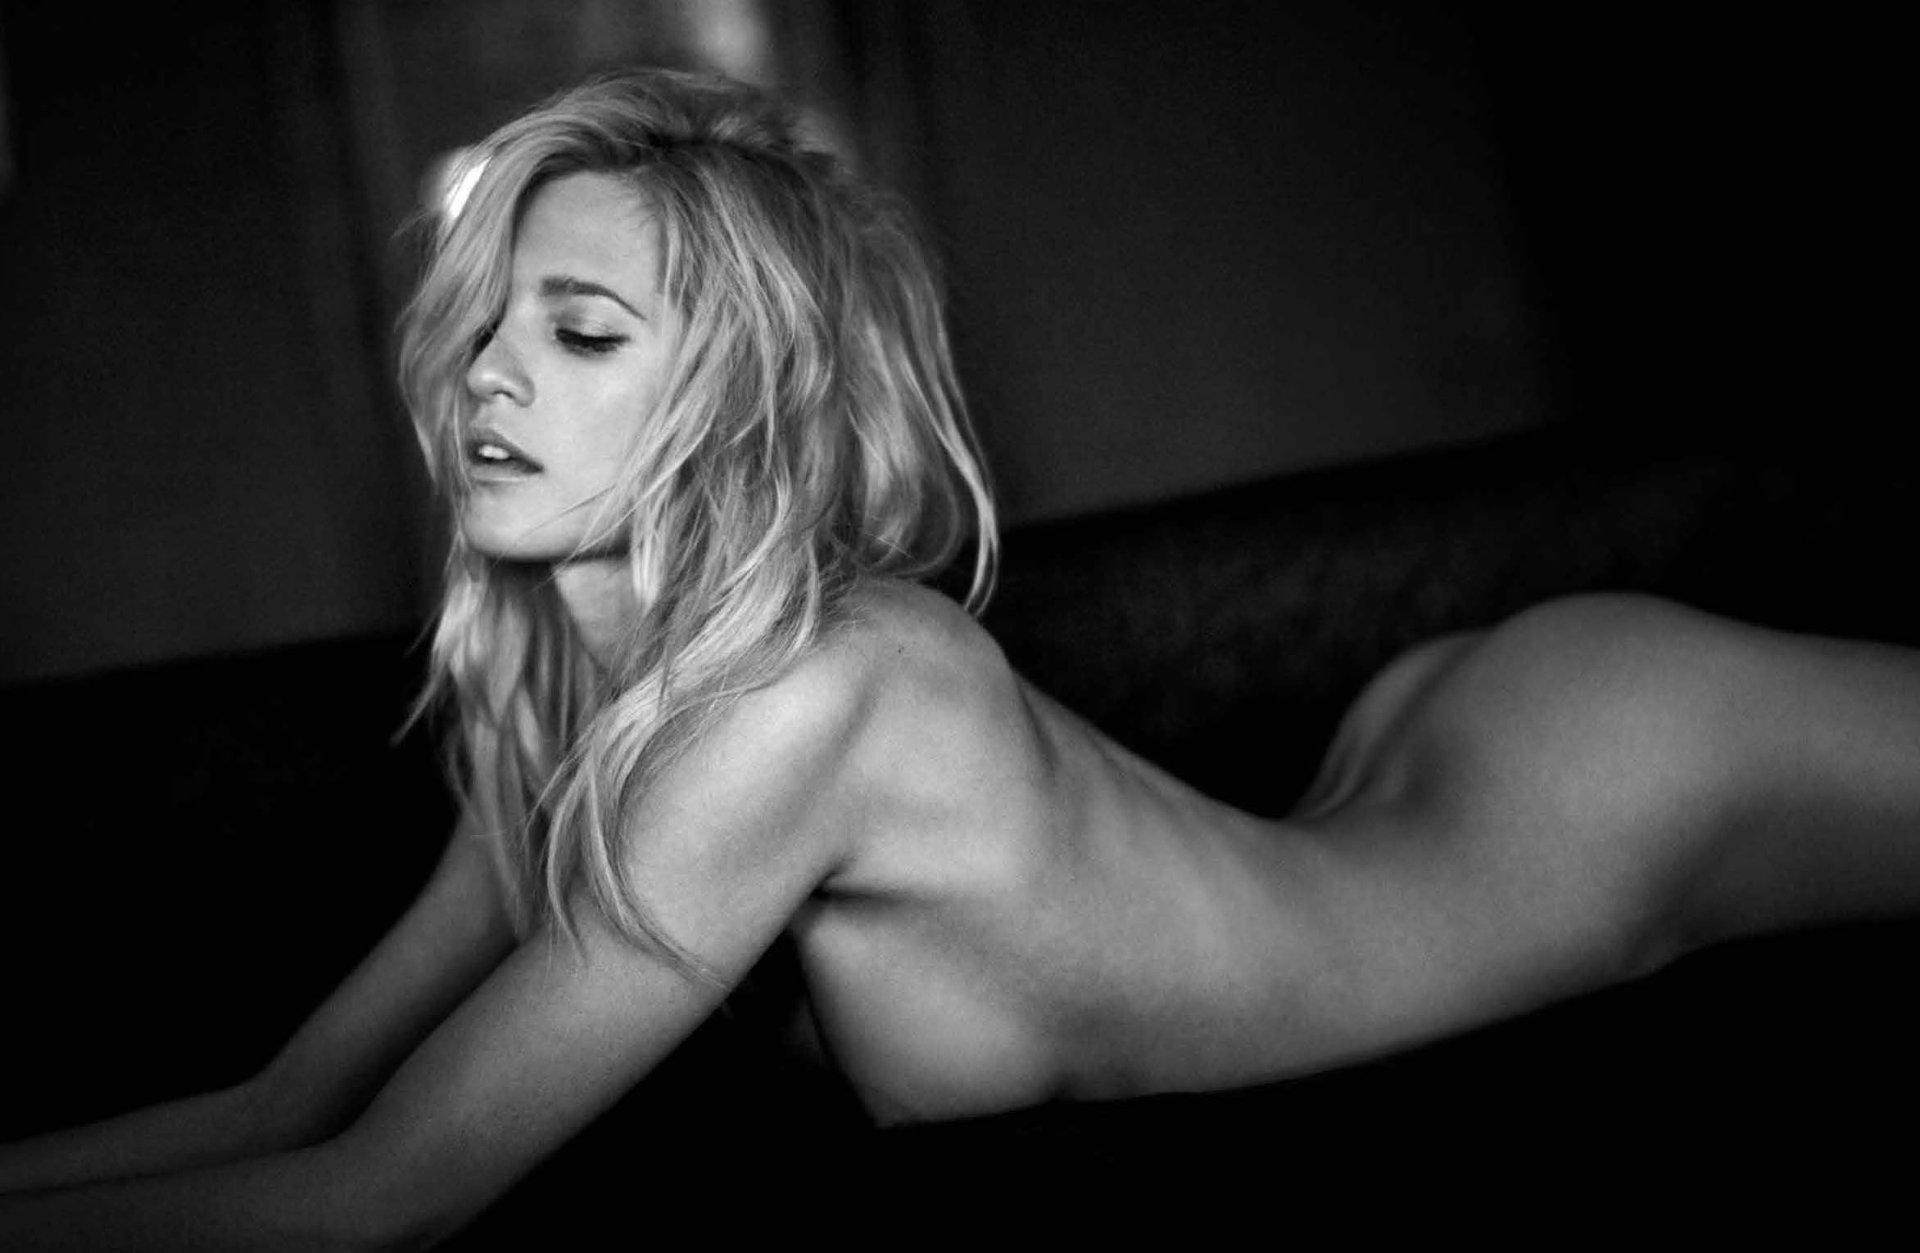 Cassie scerbo bikini pics